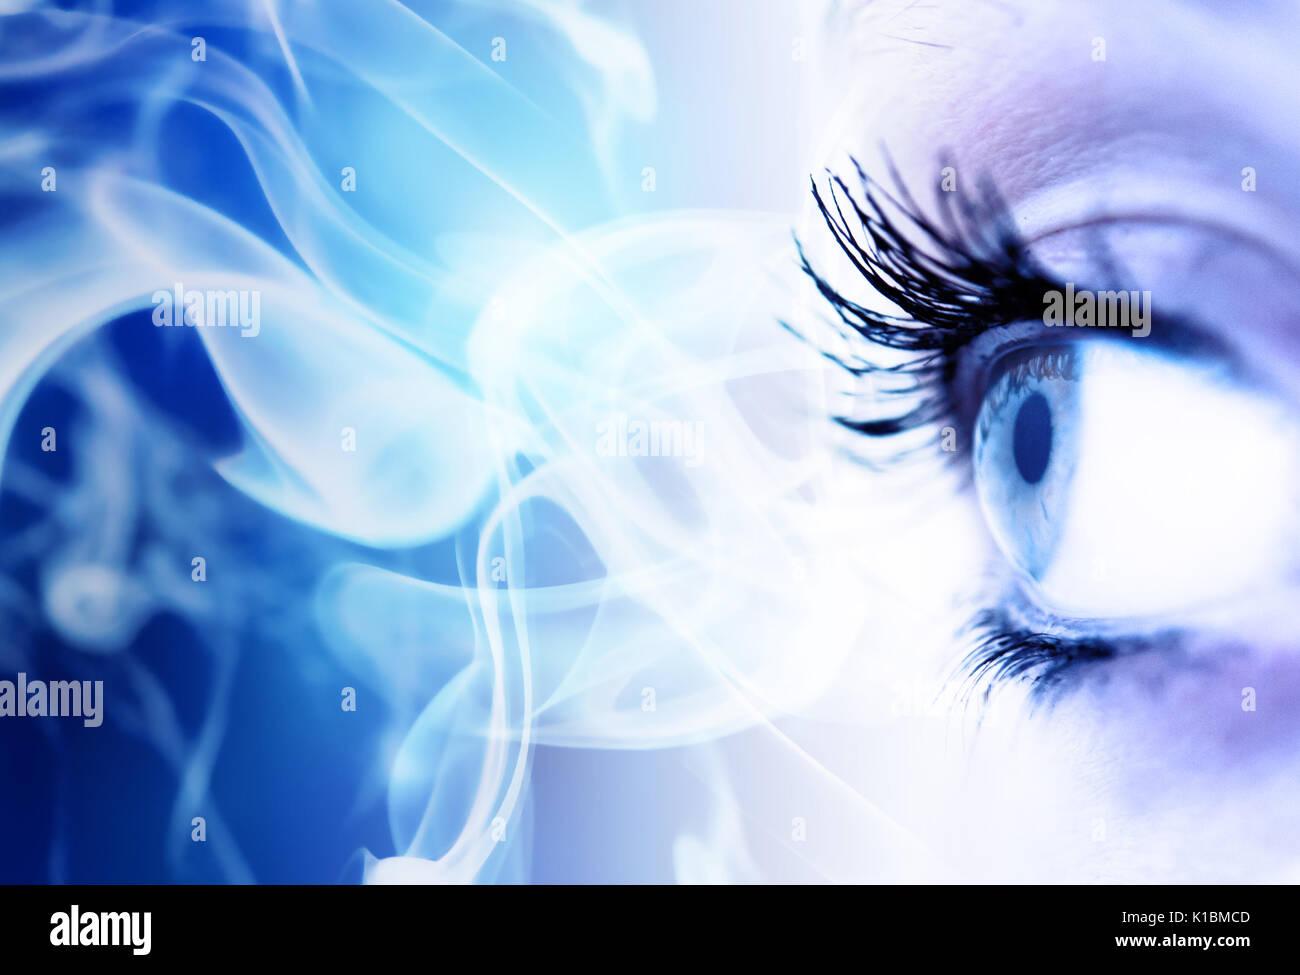 Nahaufnahme eines weiblichen Auge mit blauen abstrakten Raum kopieren Stockbild